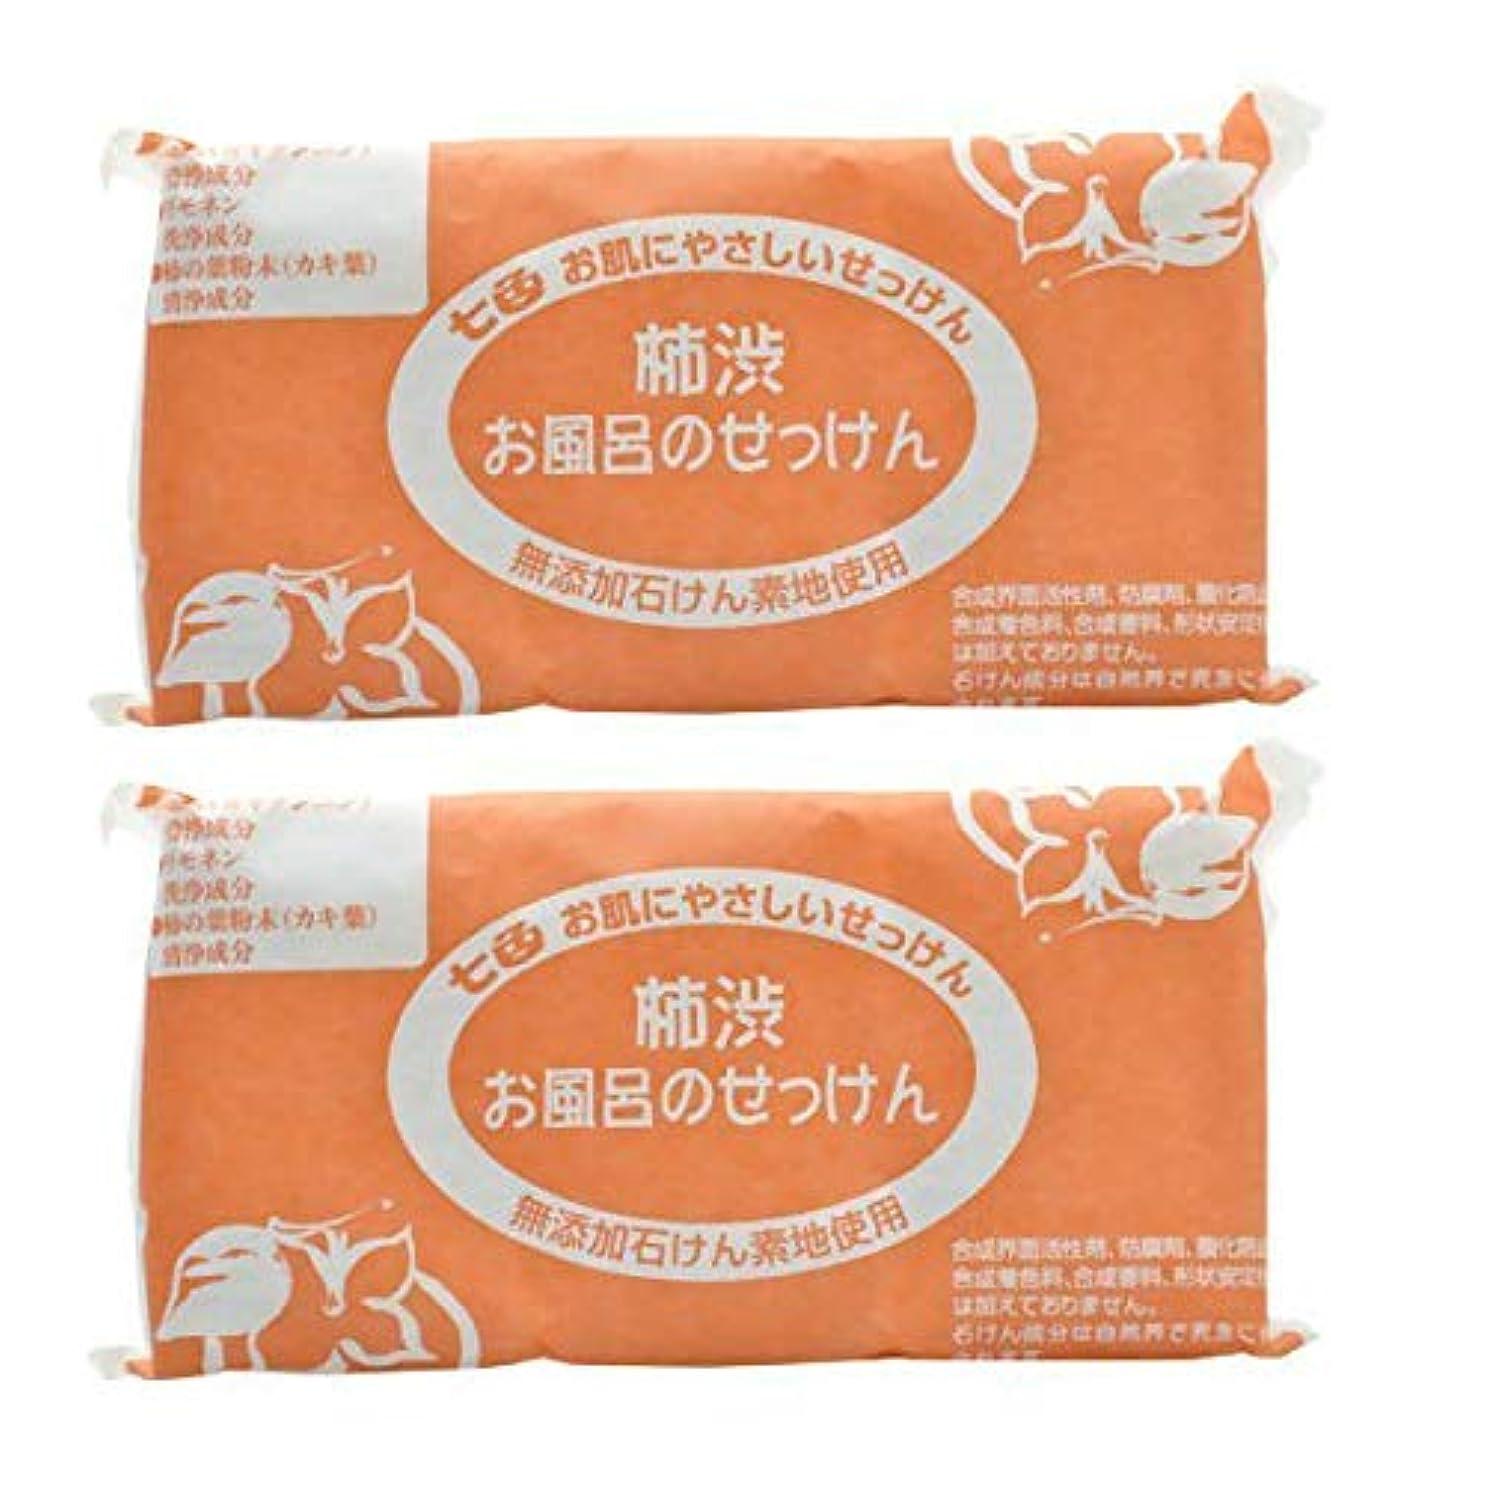 わかる体現する所有者七色 お風呂のせっけん 柿渋(無添加石鹸) 100g×3個入×2セット